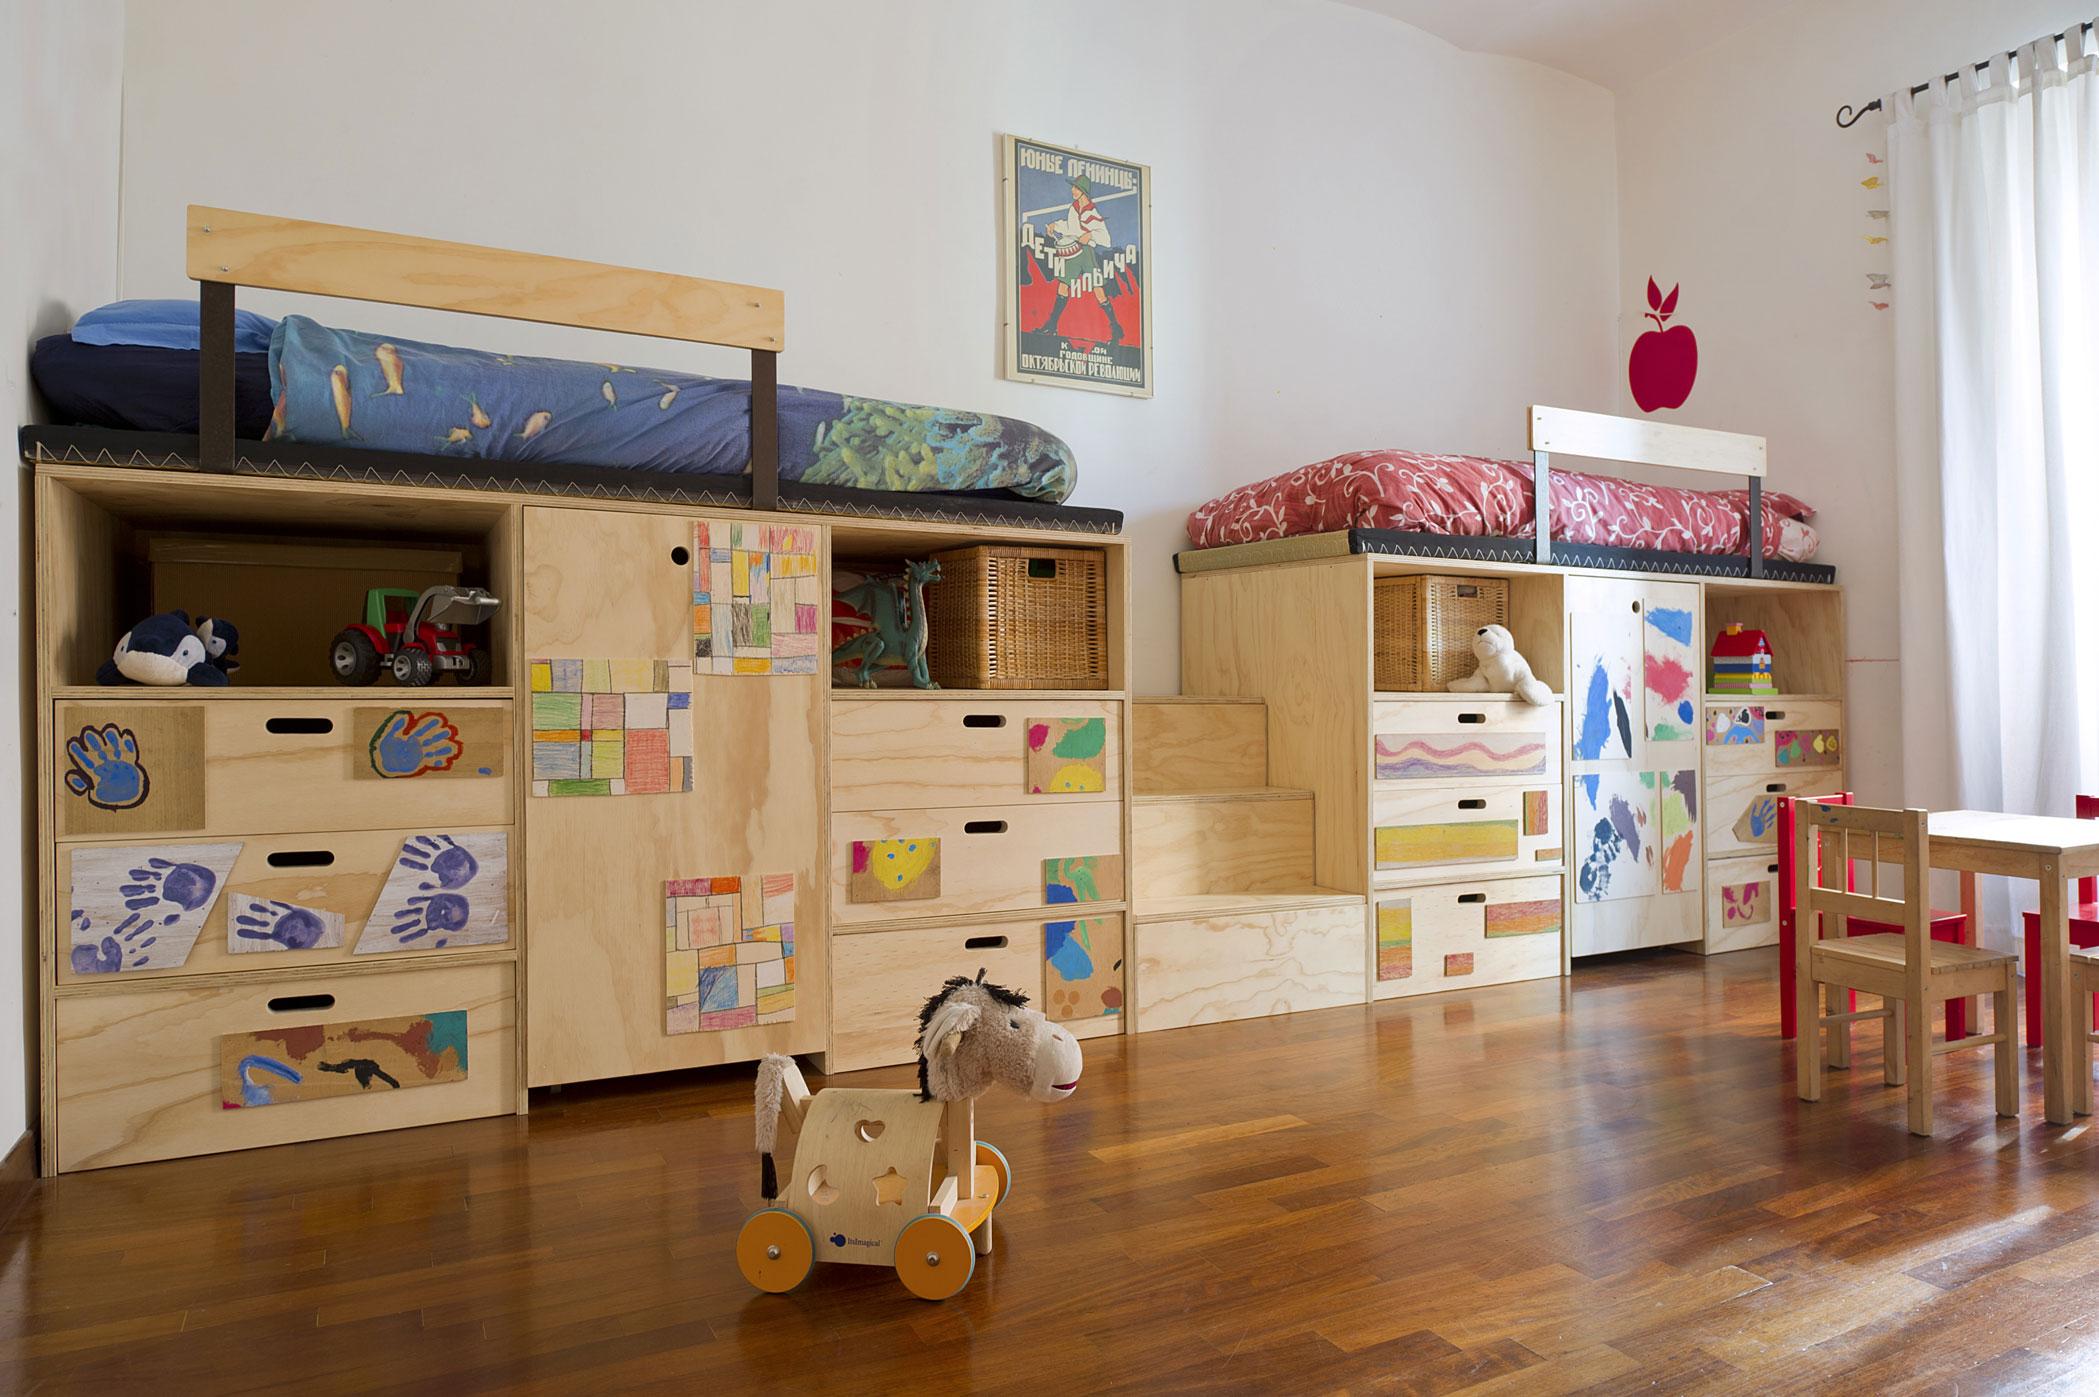 Cameretta per bambini in legno su misura e pittura all'acqua. Disegni personalizzati. cameretta con scalette, porta giochi a misura di bambino